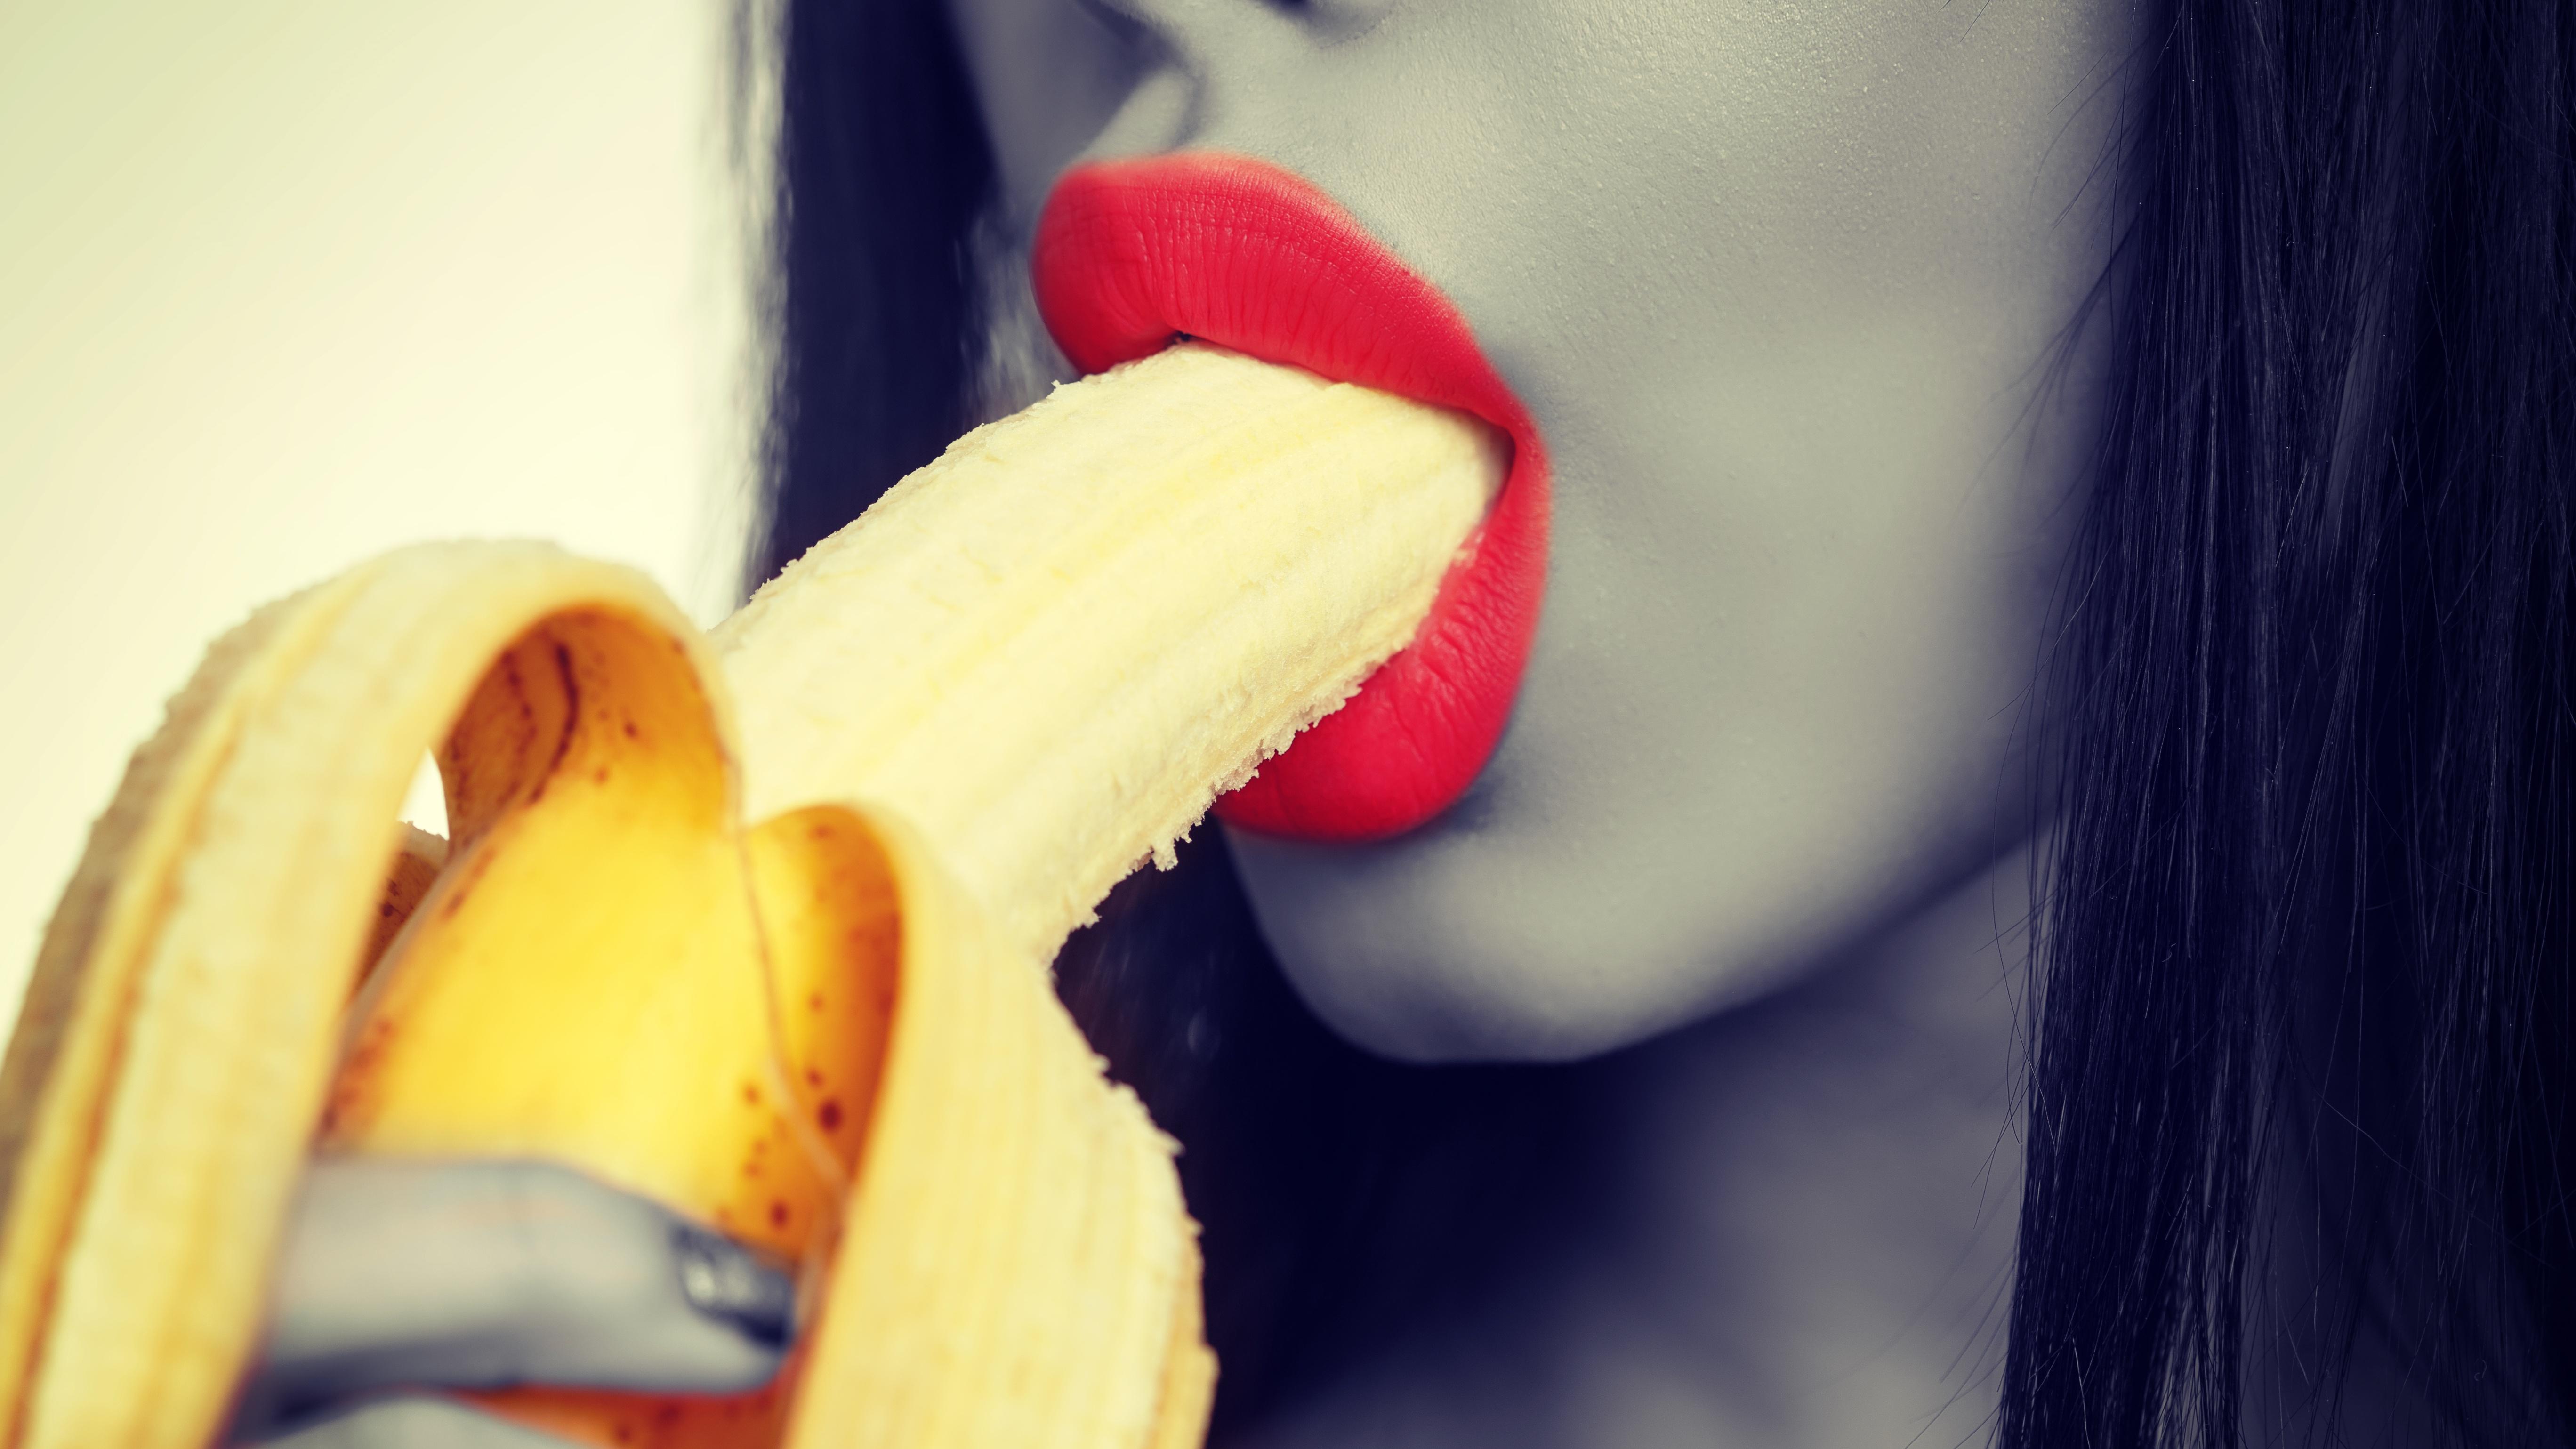 women-using-banana-for-sex